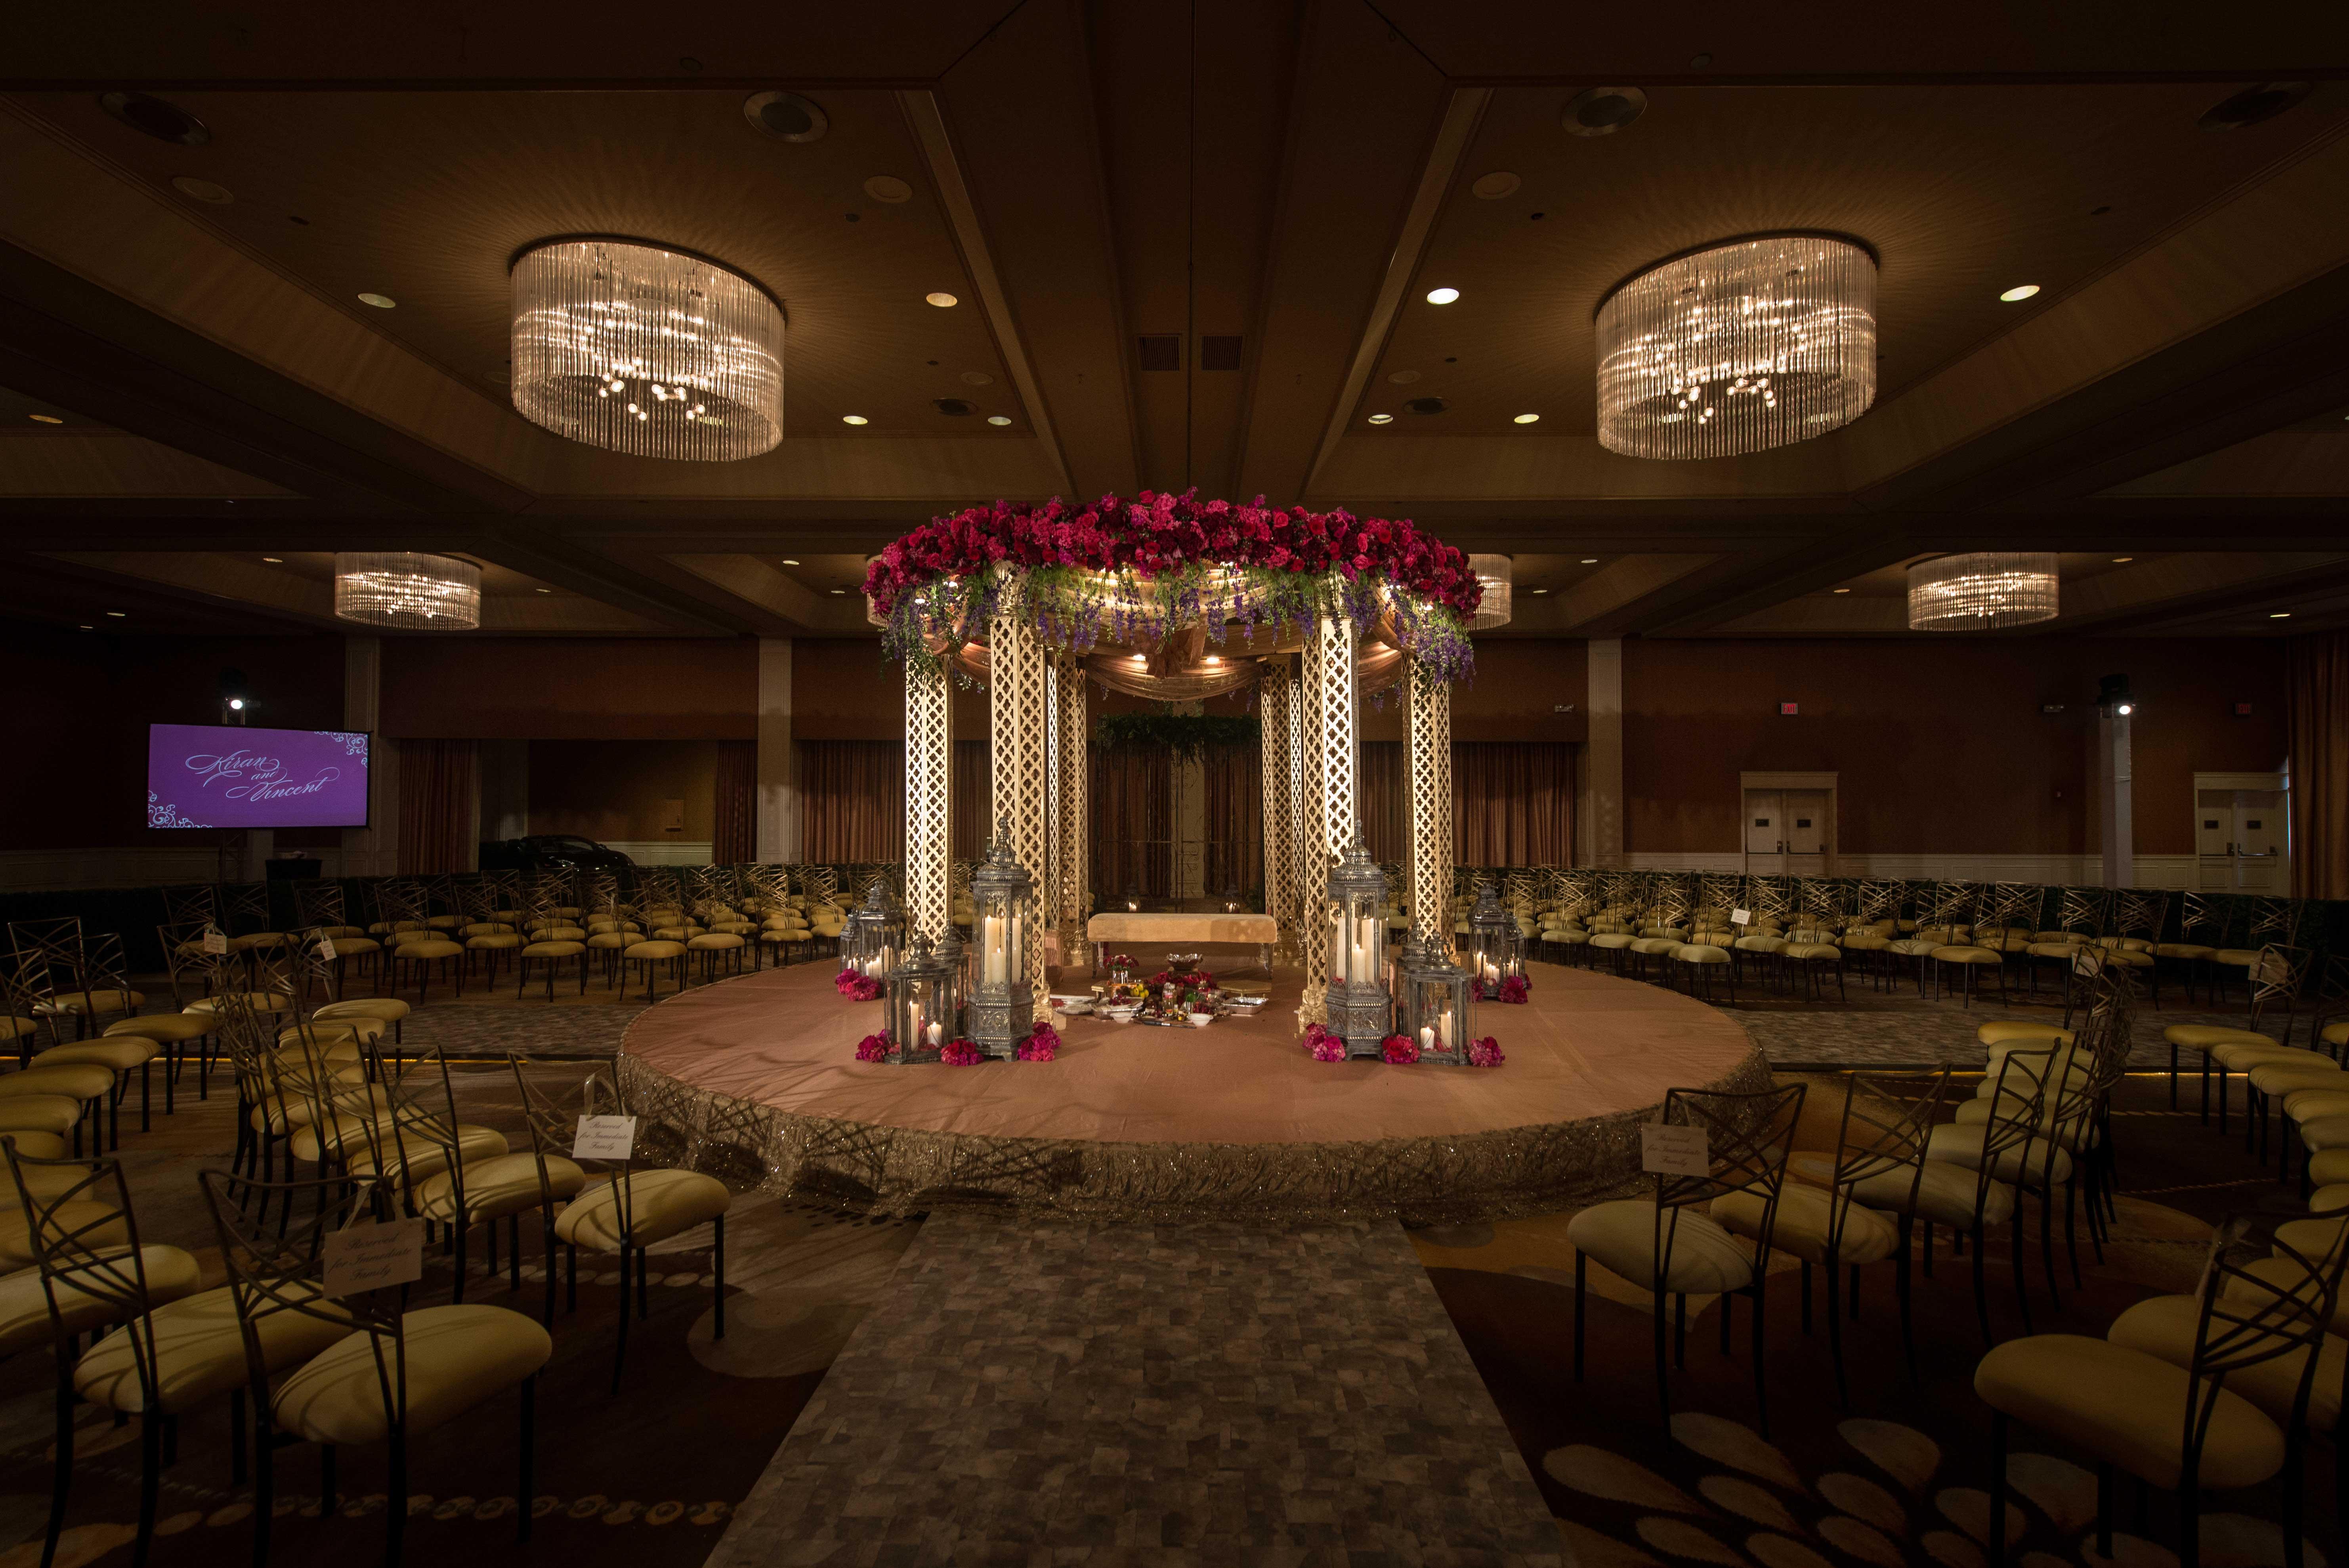 Indoor Dimly Lit Wedding Ceremonies and Receptions ...